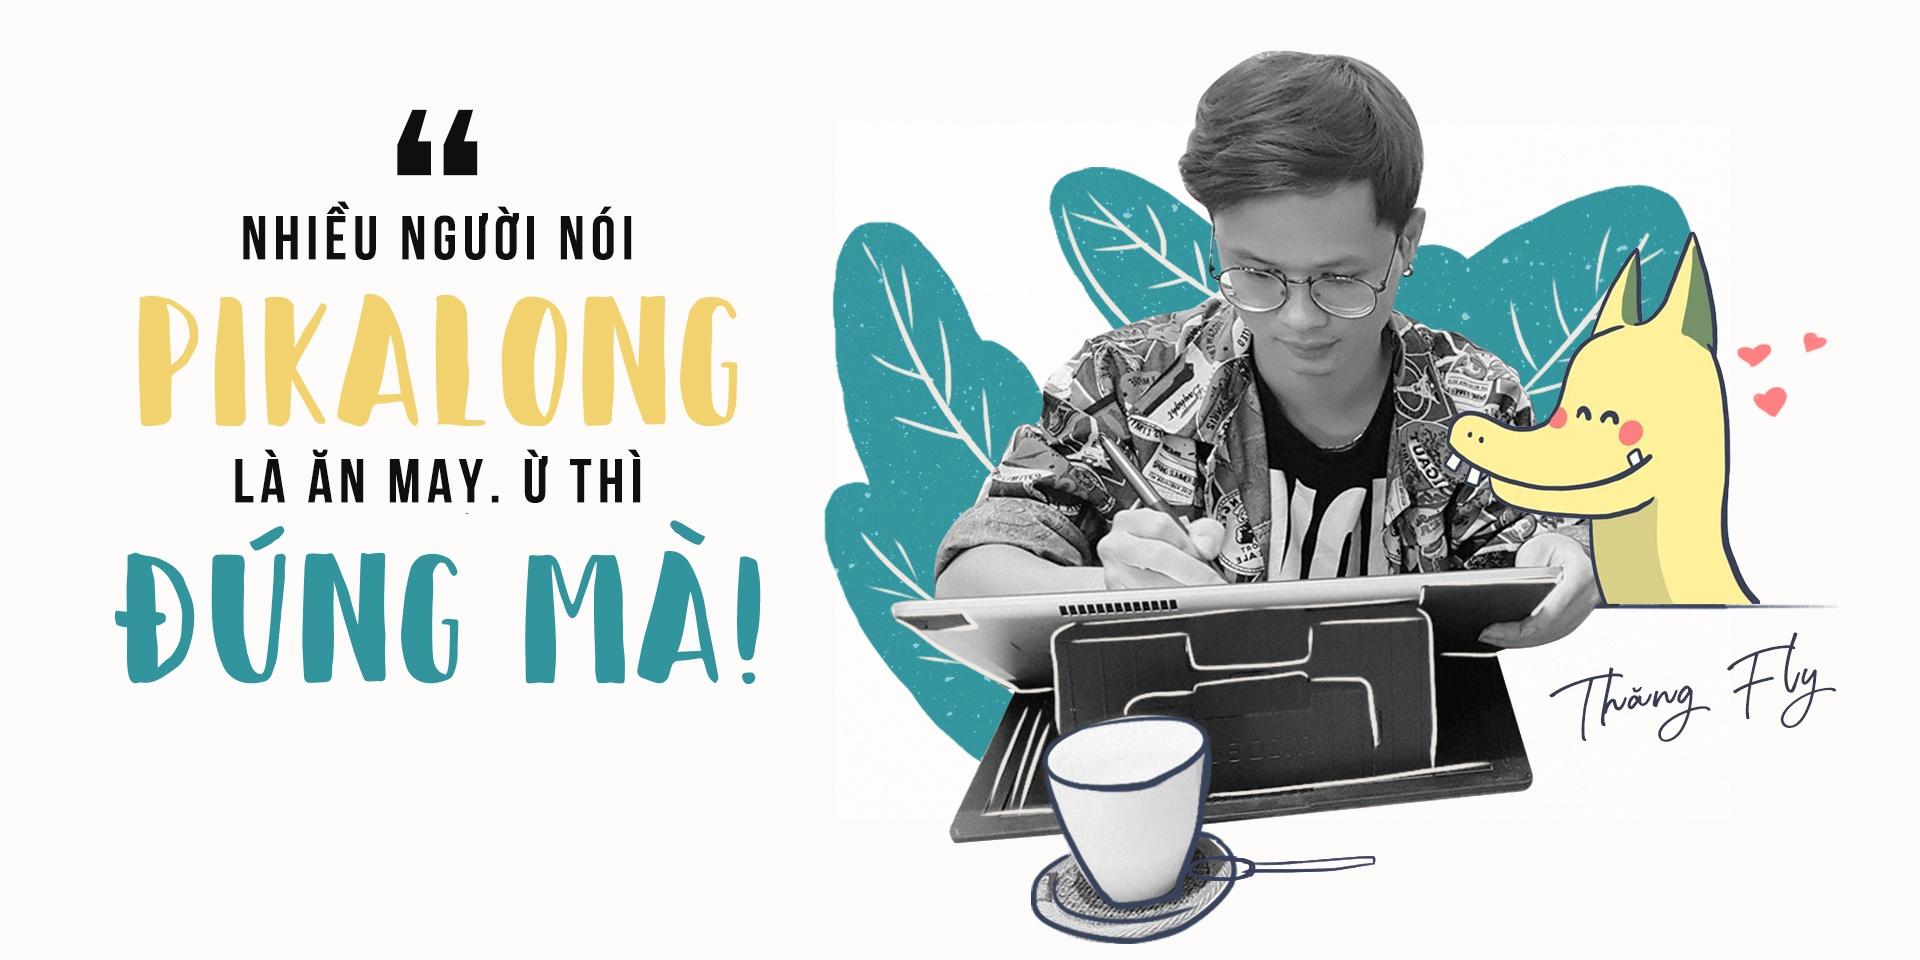 Hoa si Thang Fly: 'Nhieu nguoi noi Pikalong la an may, u thi dung ma!' hinh anh 1